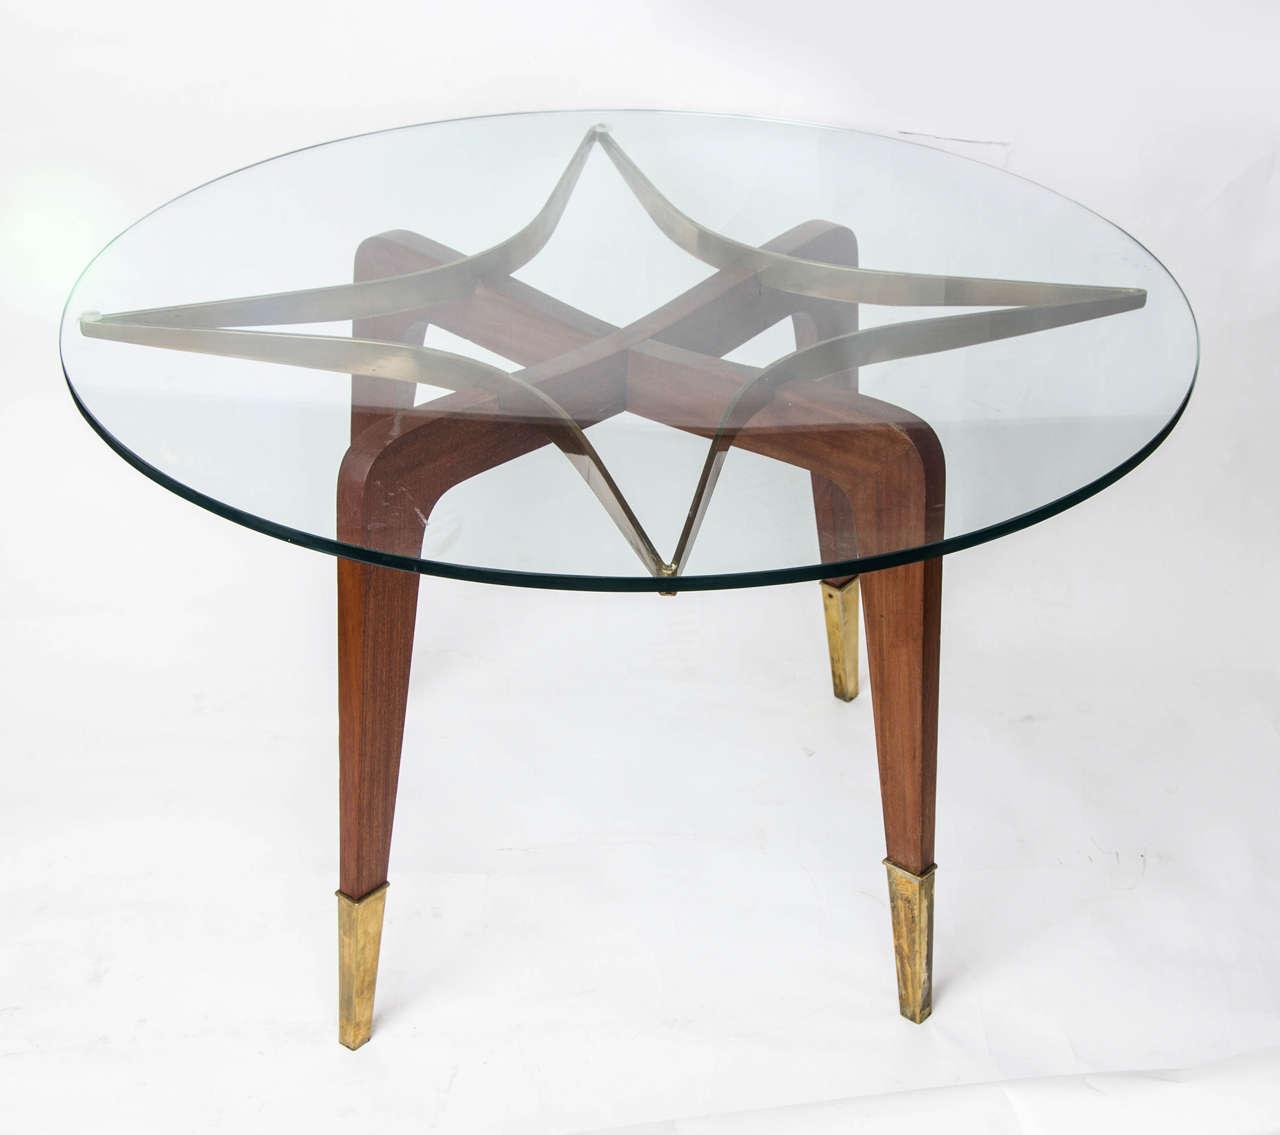 Italian Coffee Table 1950s Italian Coffee Table By Paolo Buffa At 1stdibs